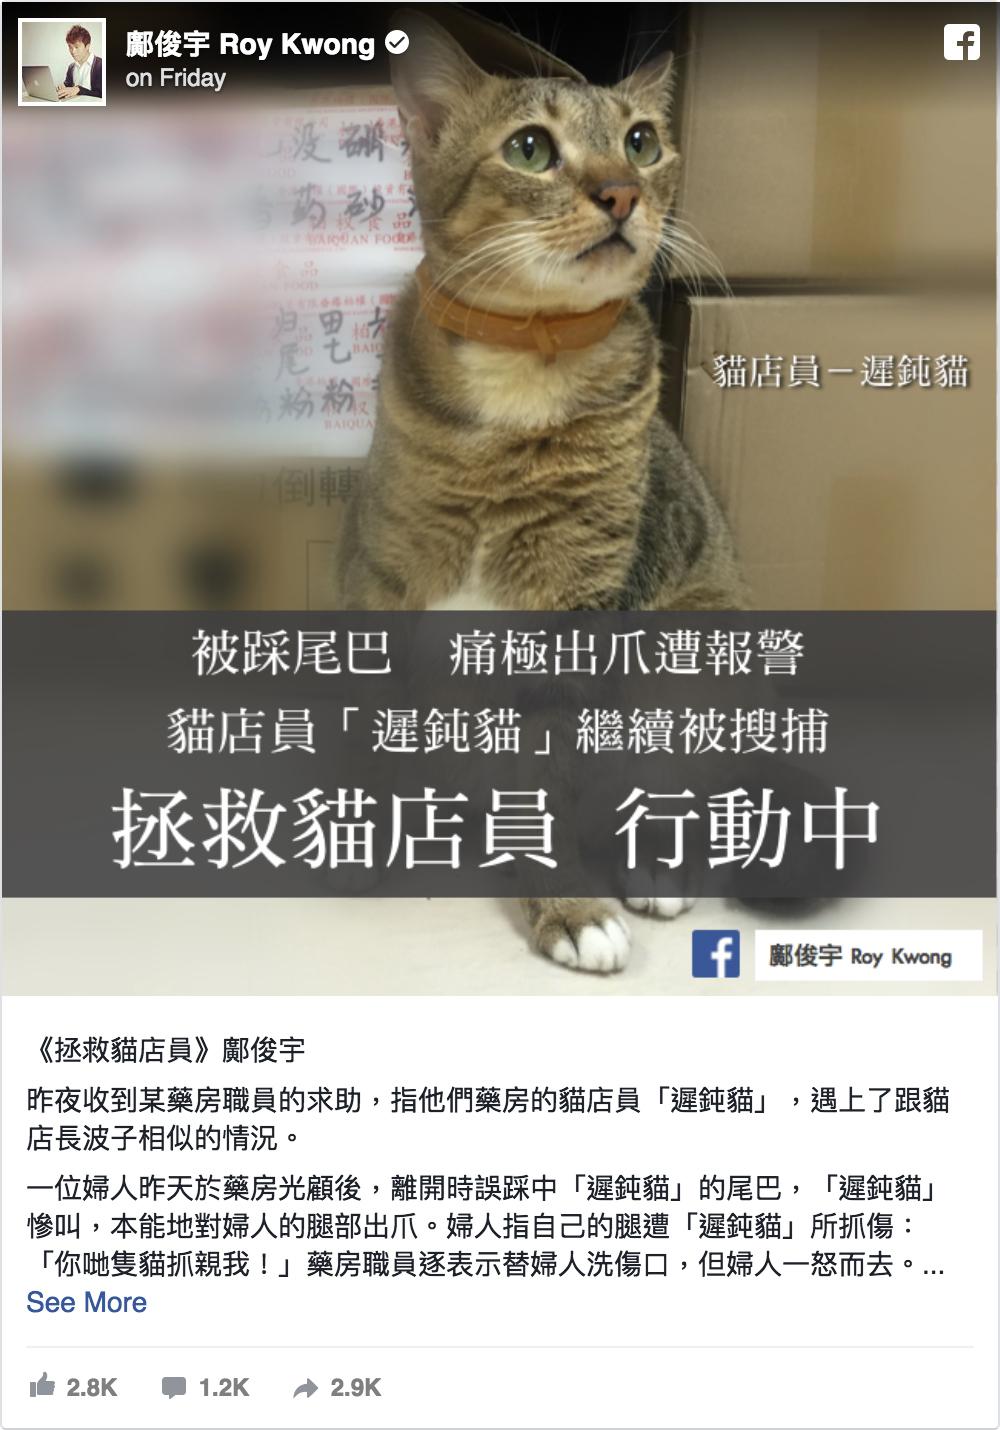 另一隻藥房貓「遲鈍貓」日前因被老婦人踩中貓尾後抓傷人,被漁護署「預約拘捕」中。(鄺俊宇Facebook)